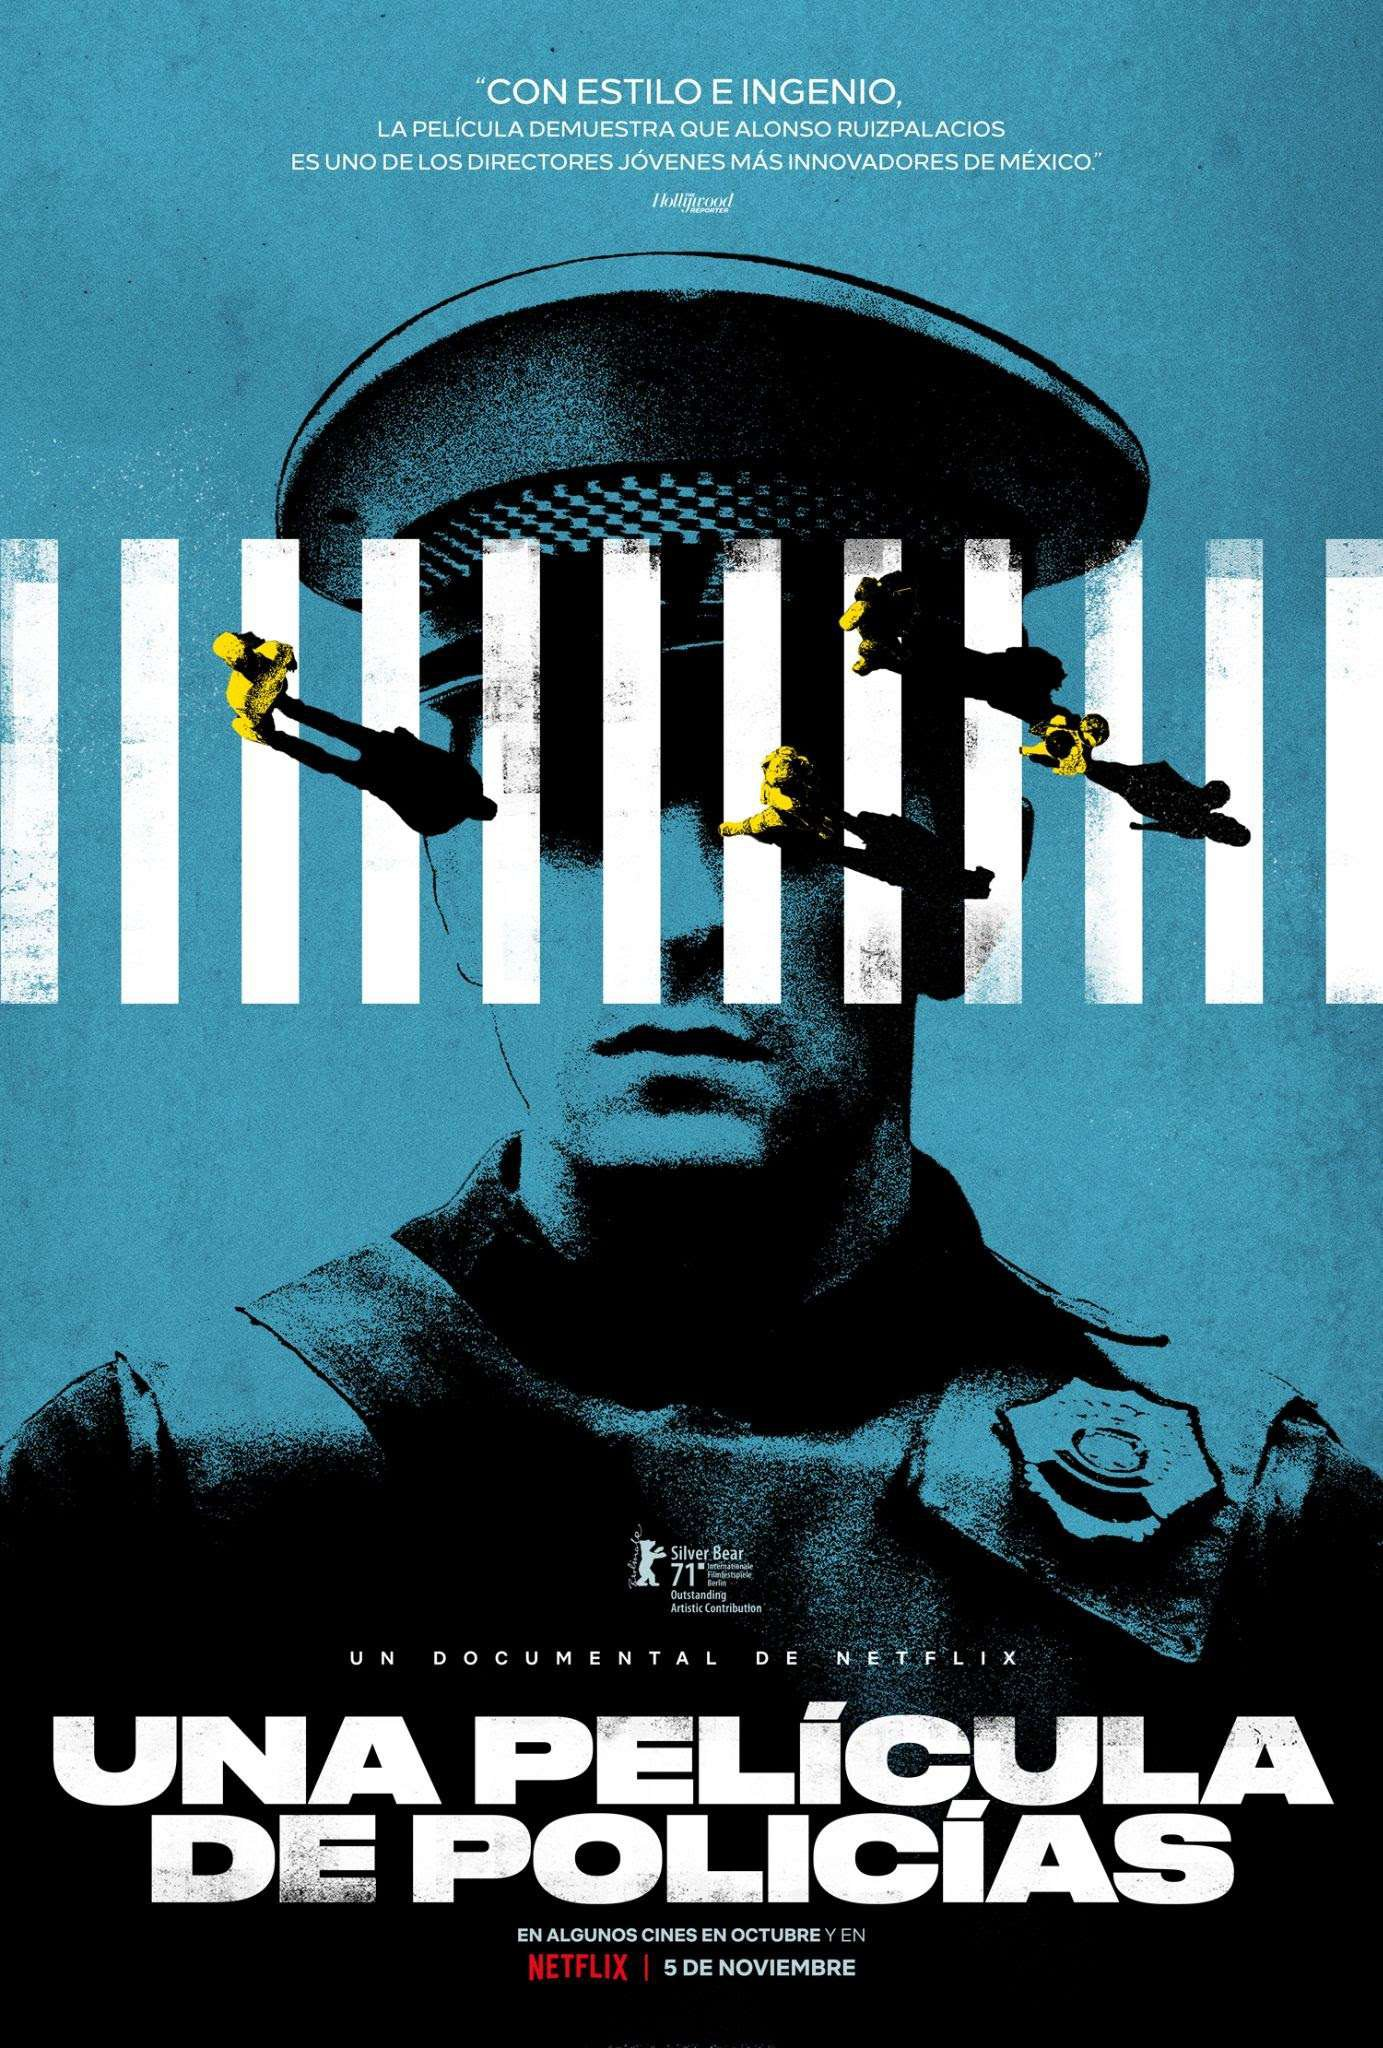 poster_película_policías (1).jpg